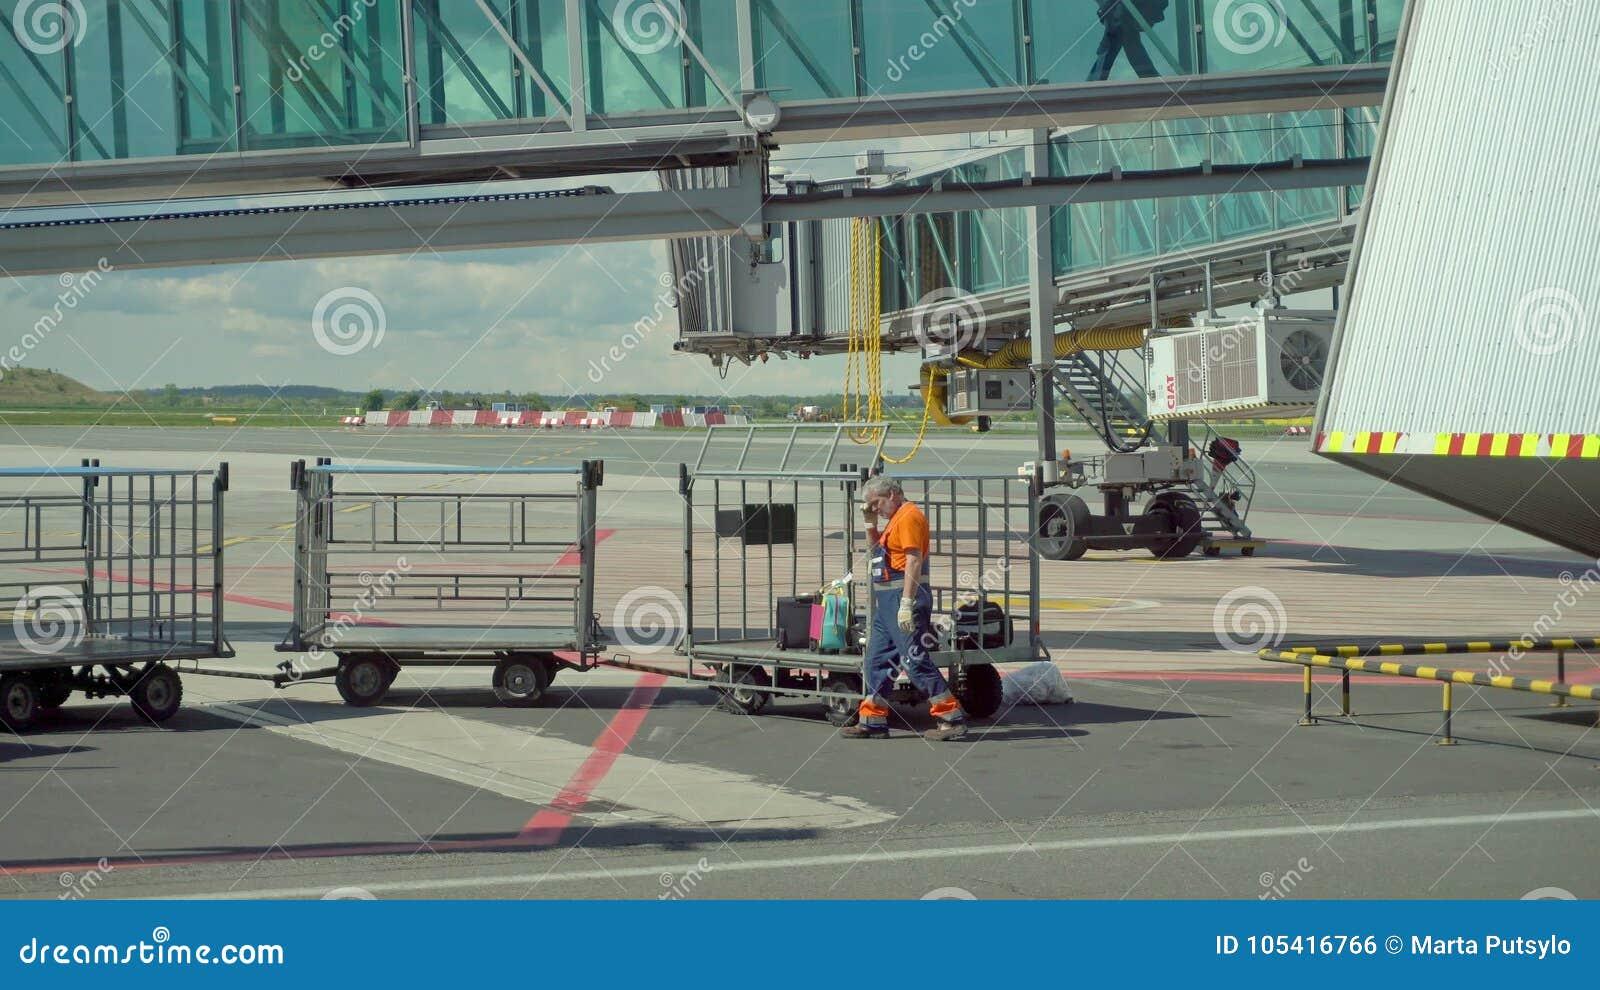 Обслуживать реактивный двигатель воздушных судн на авиапорте